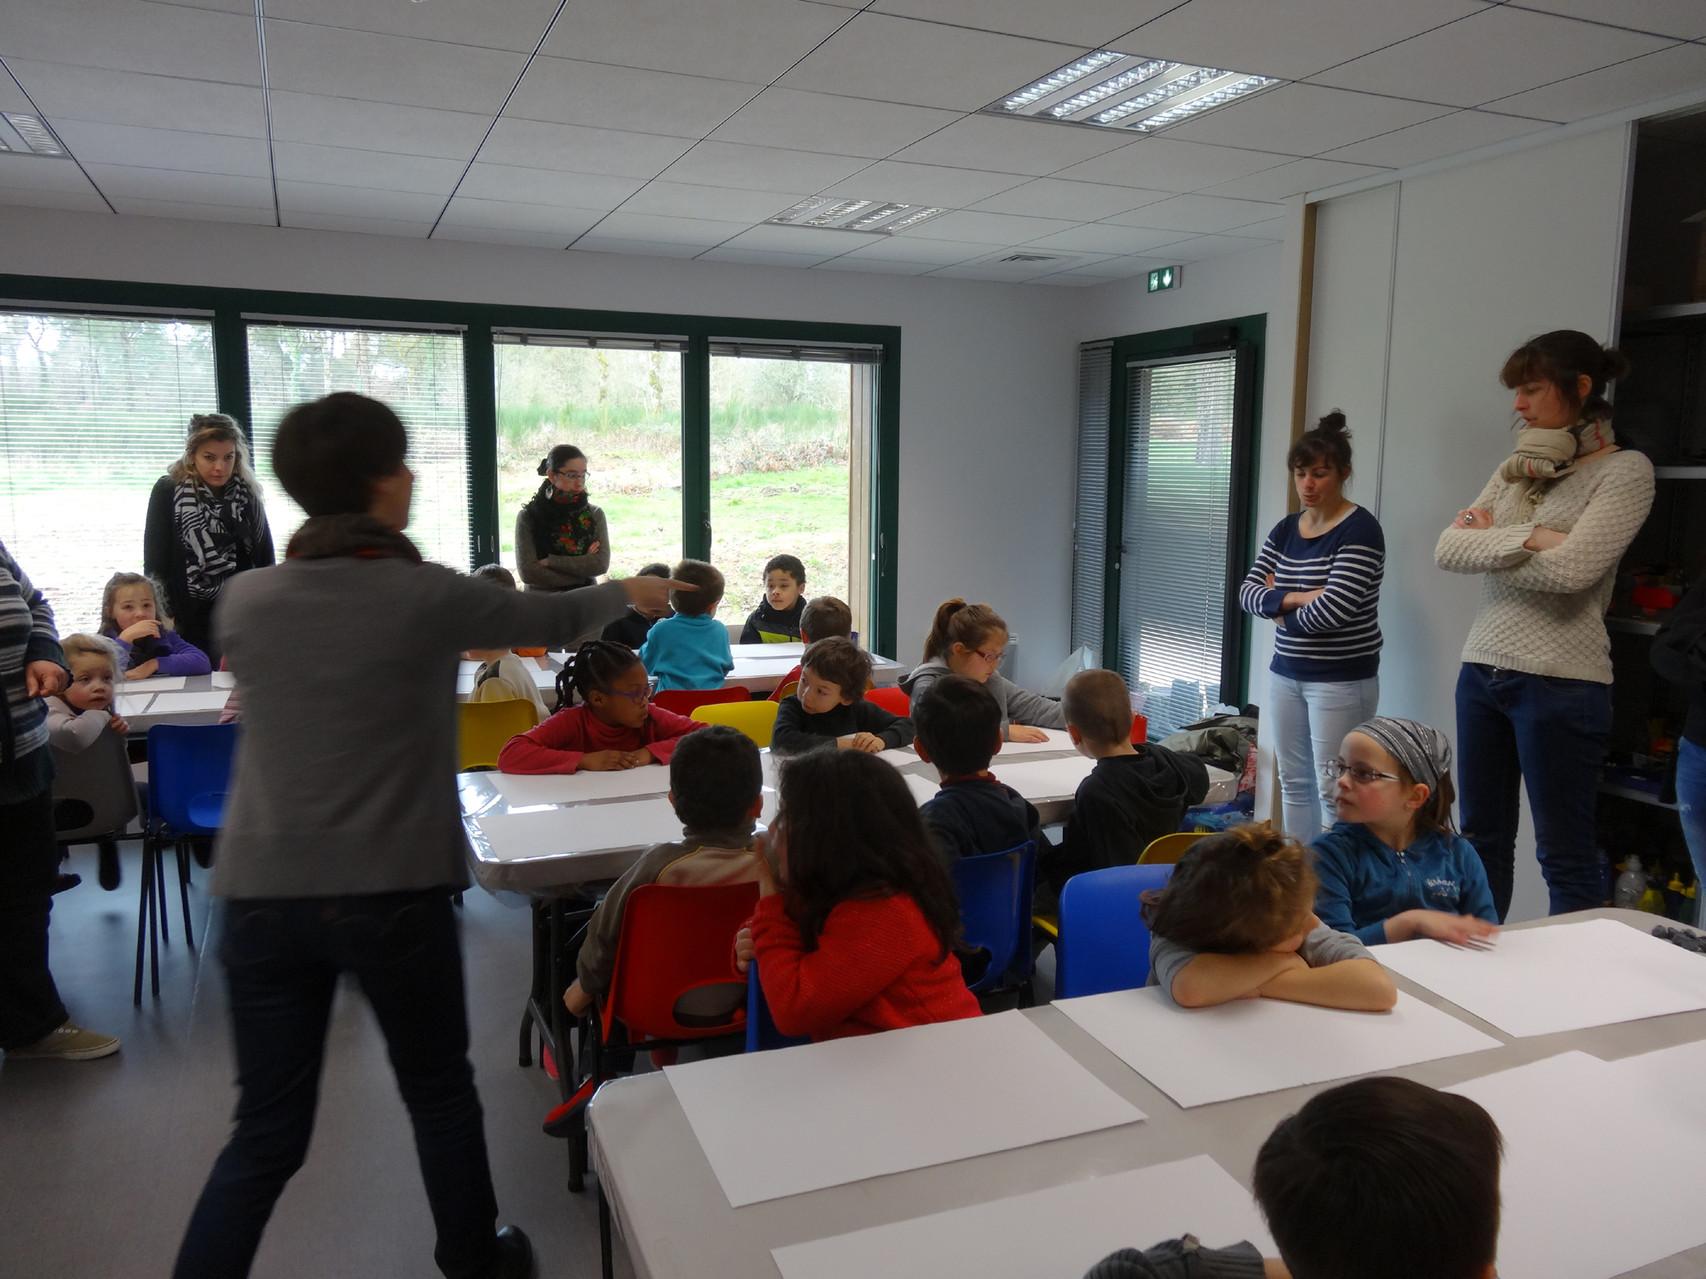 CP Ecole élémentaire publique Fée Viviane Iffendic